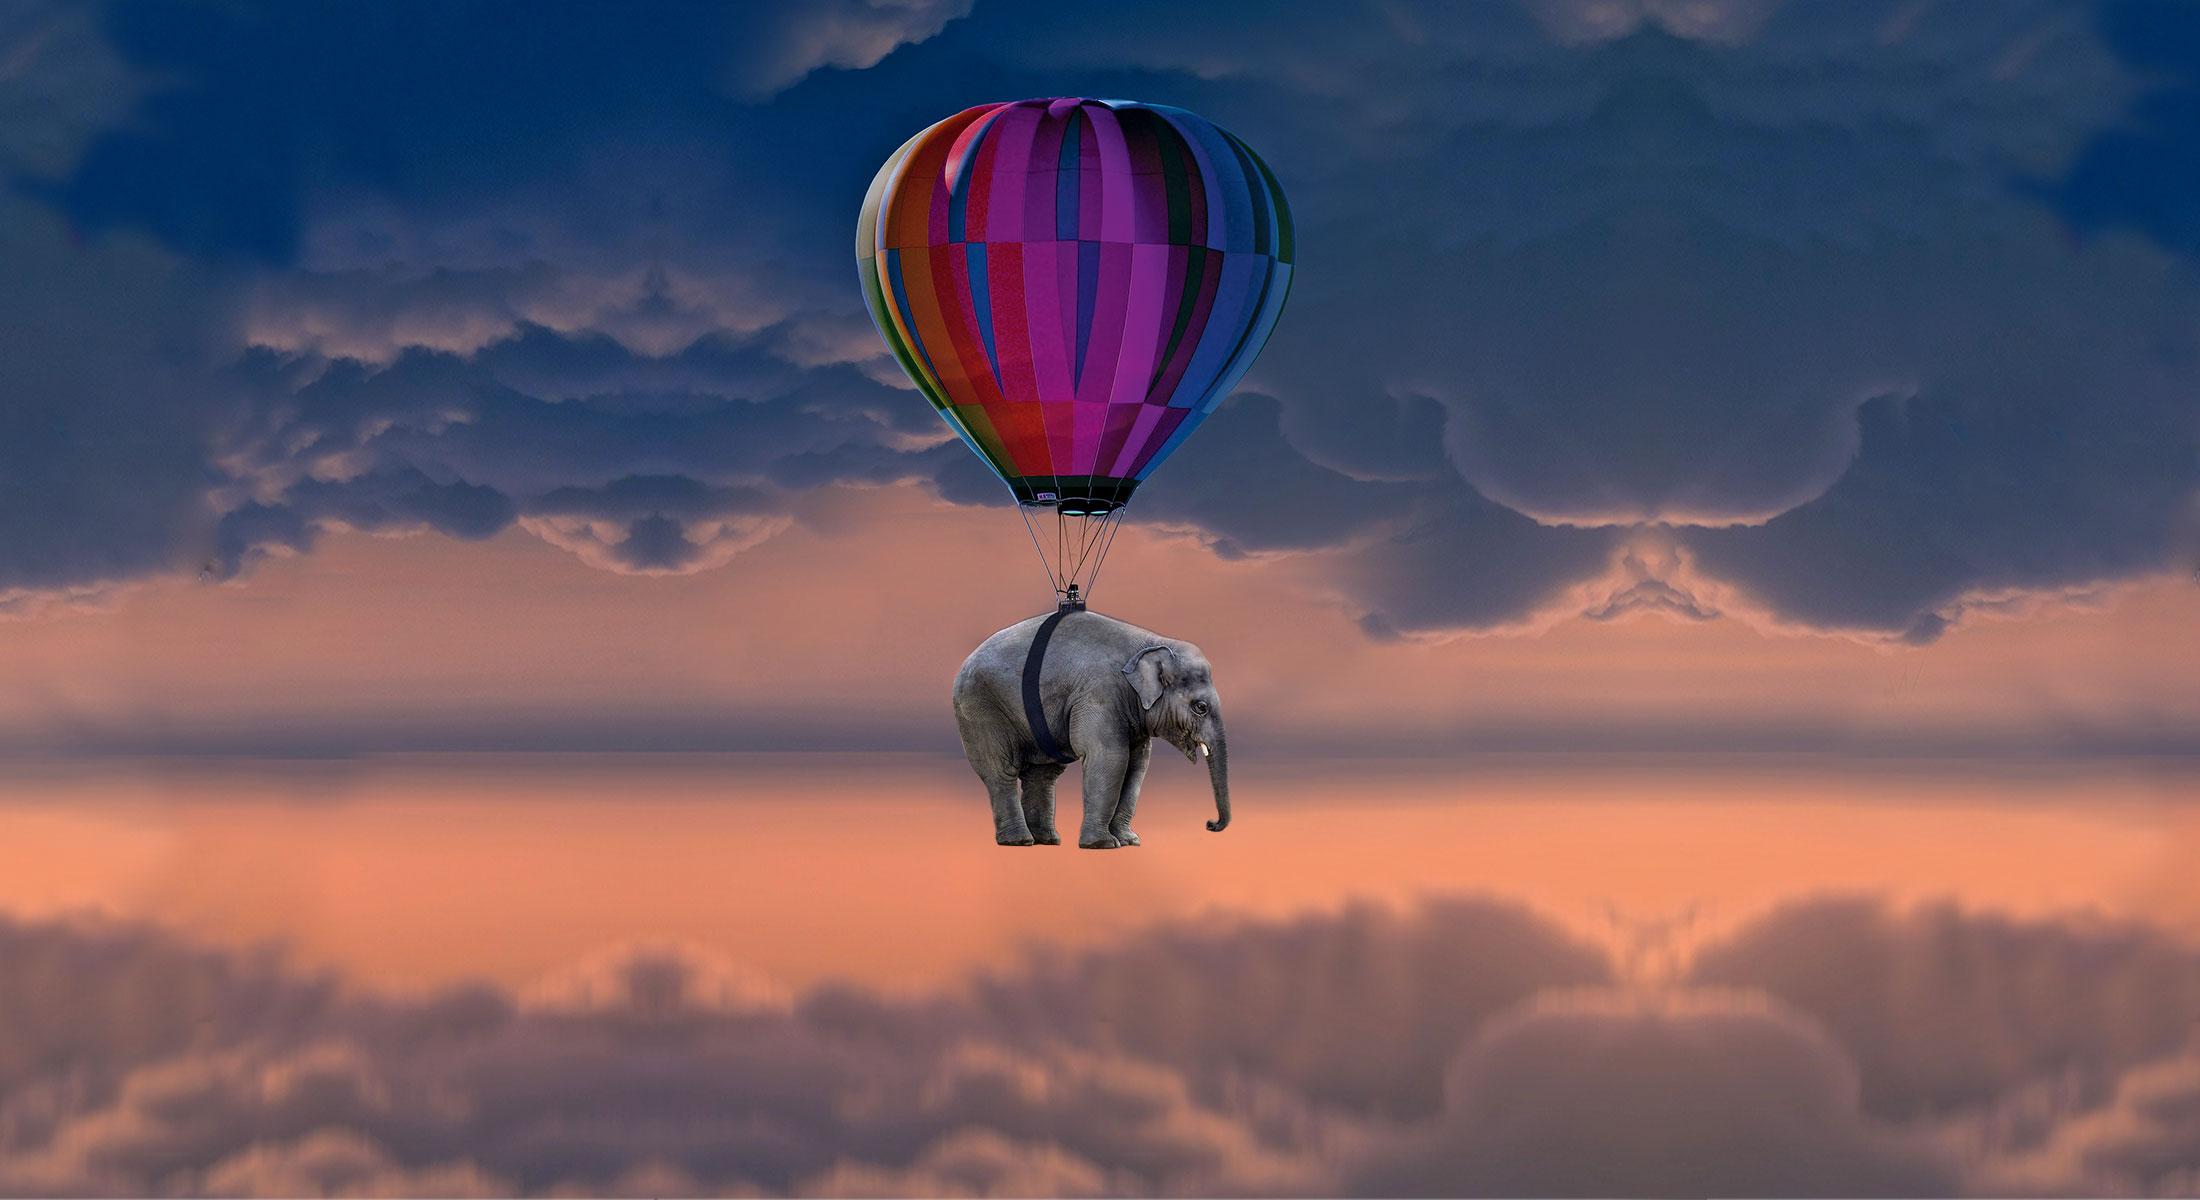 MCSH Veranstaltung: (Wie) lernen Elefanten fliegen? Digitale Transformation in deutschen Industrie-Unternehmen